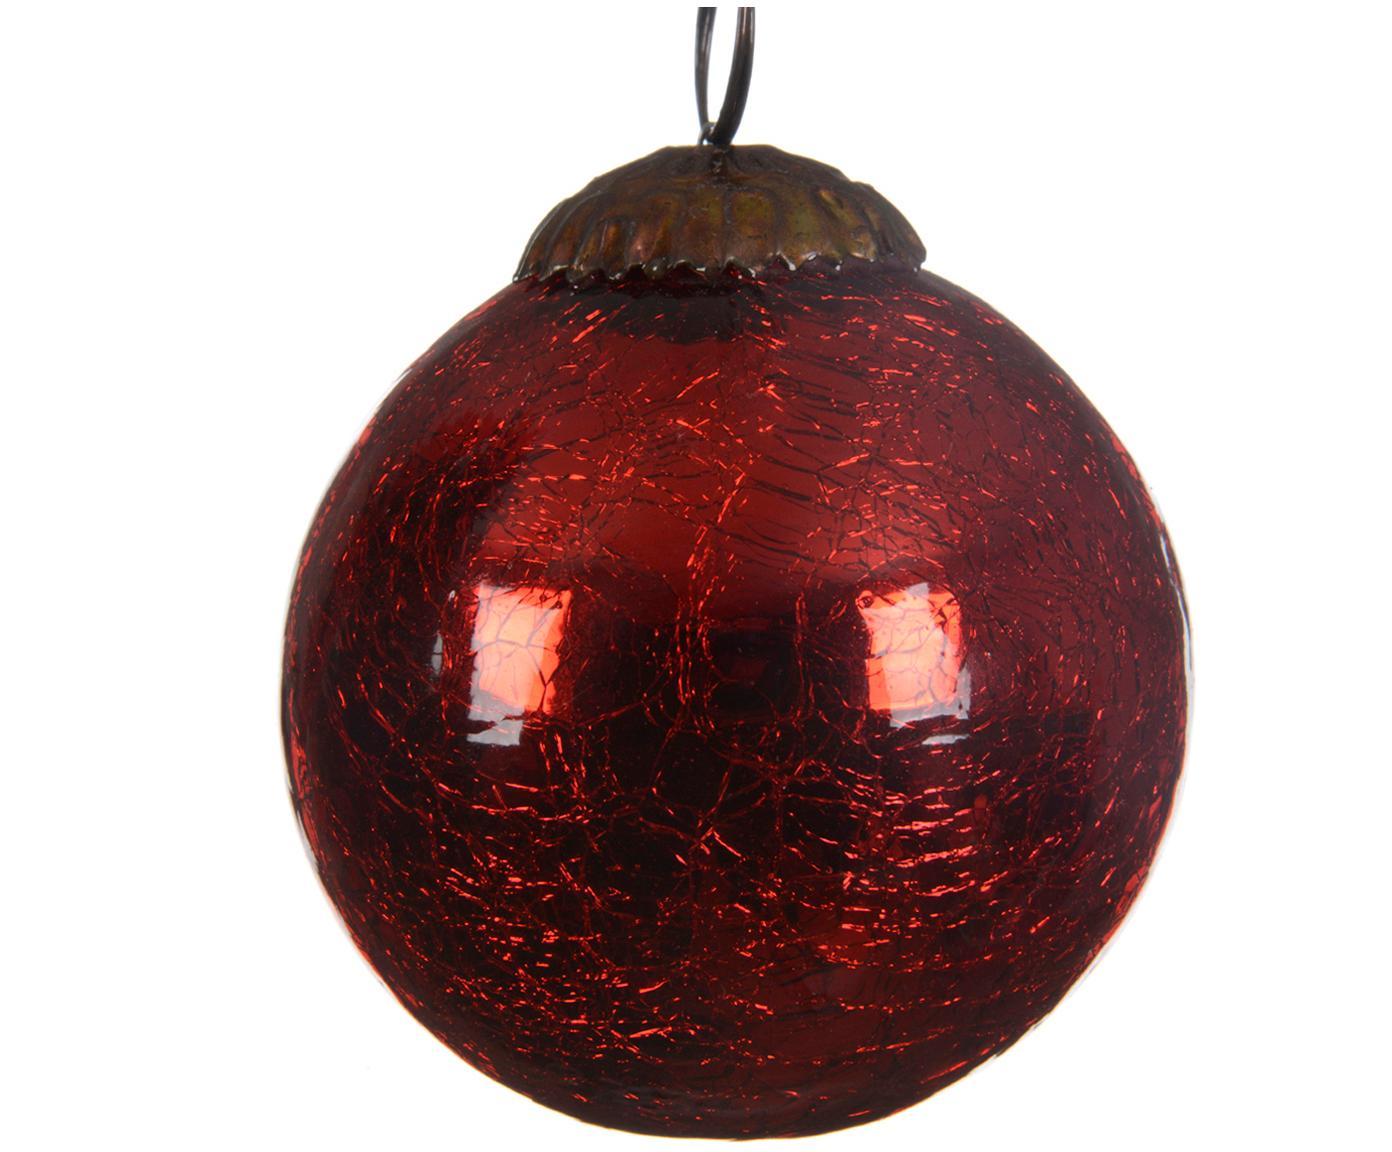 Kerstballen Craquele, 3 stuks, Glas, Rood, Ø 8 cm